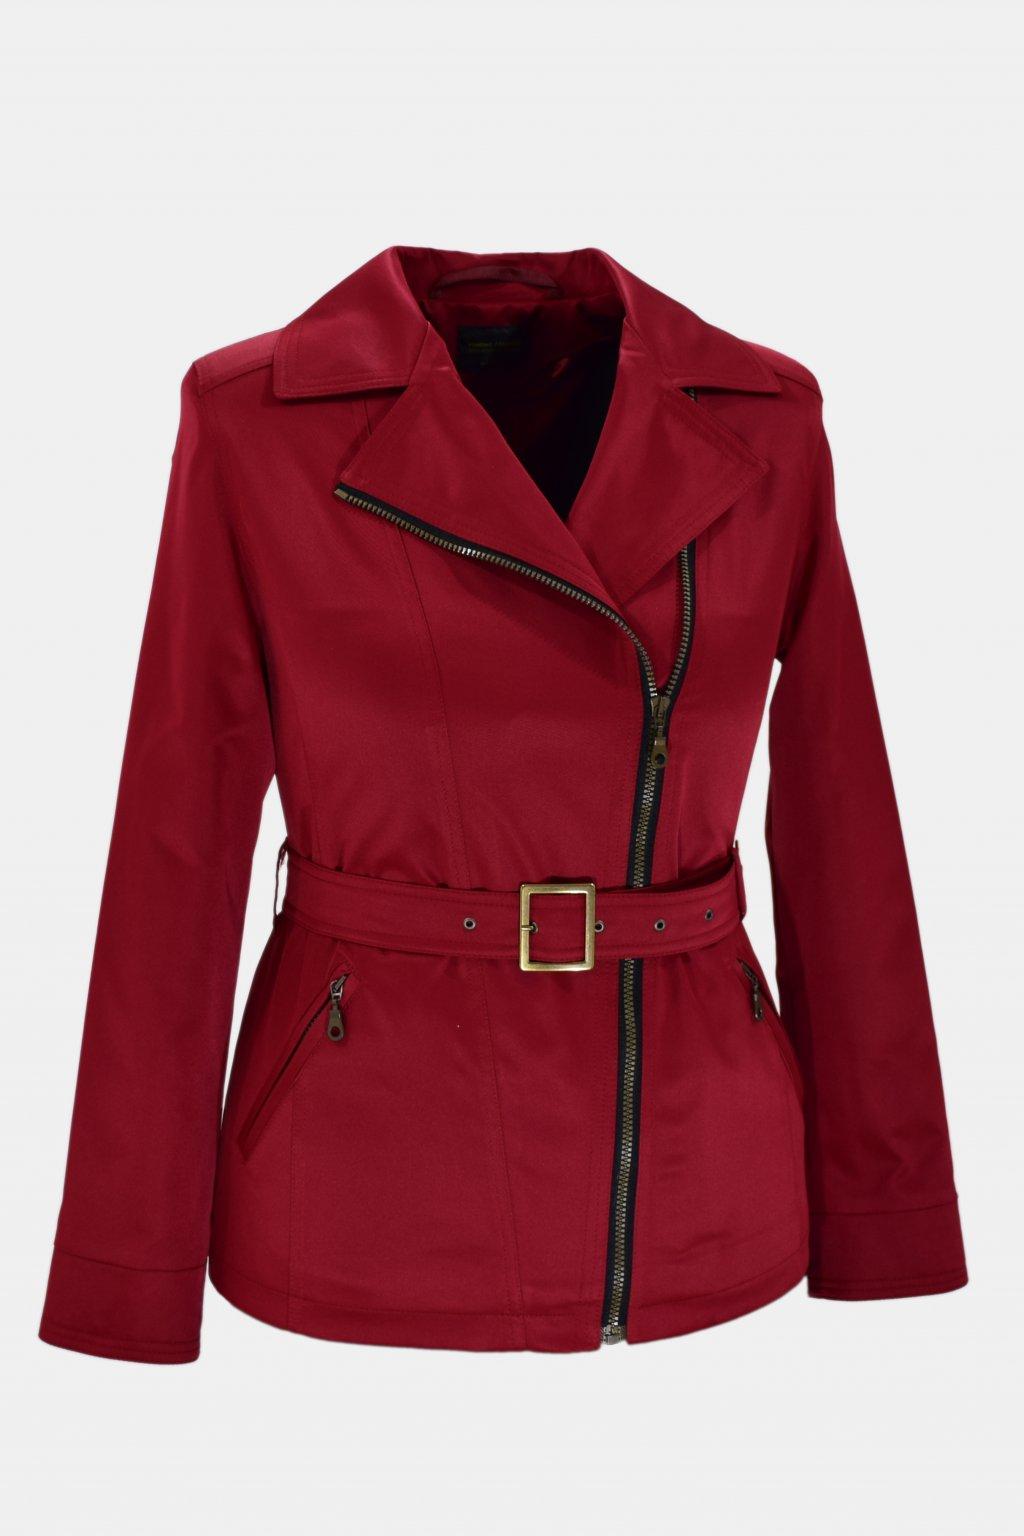 Dámský vínový jarní kabátek Zora nadměrné velikosti